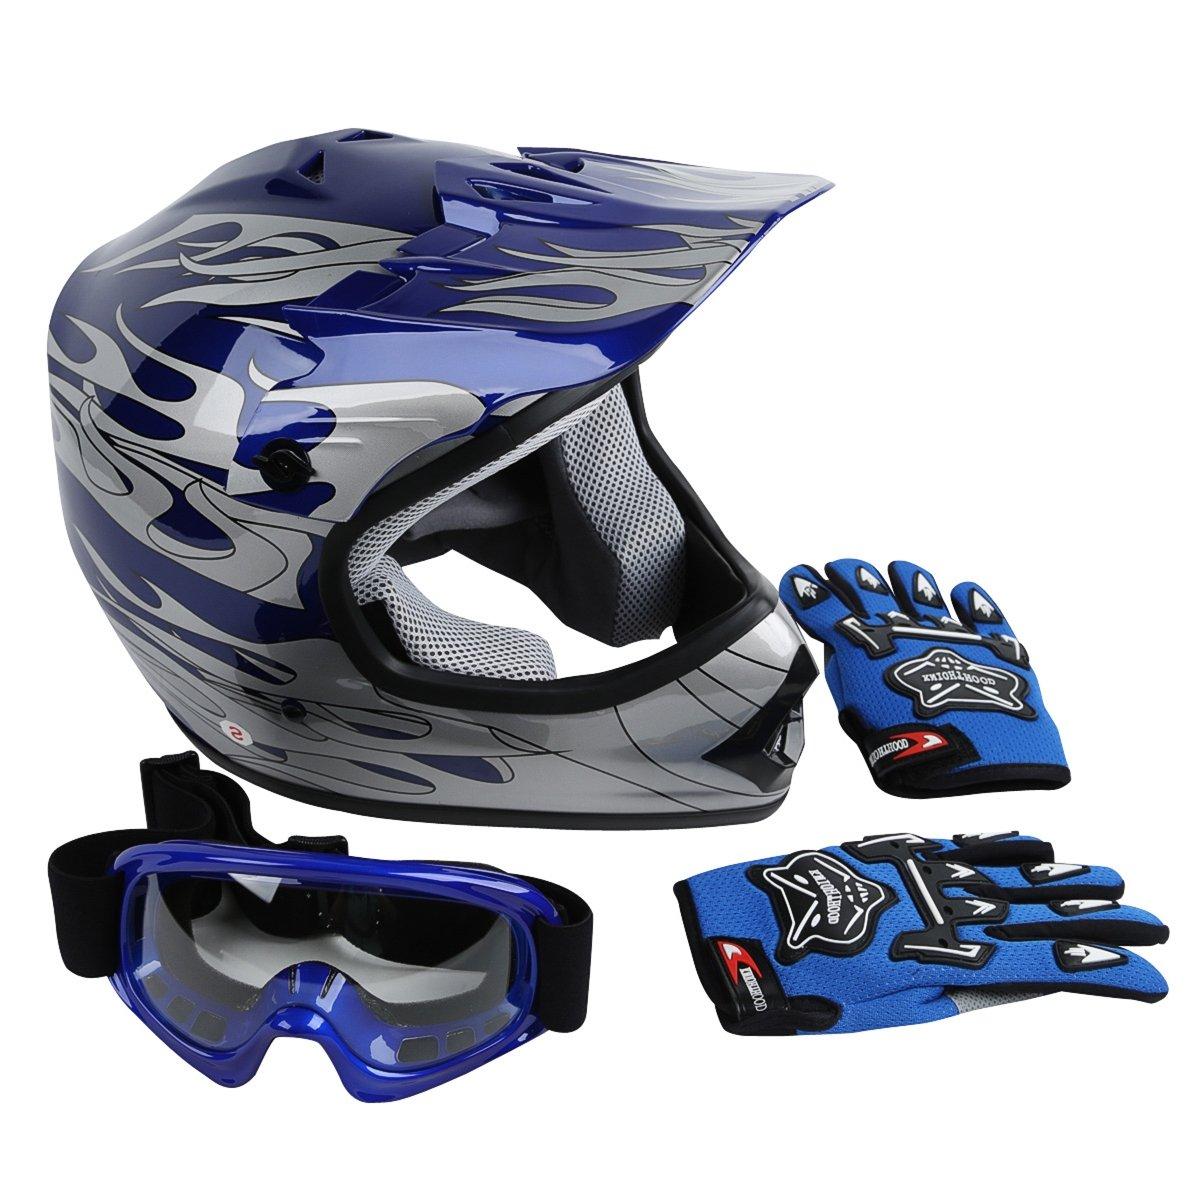 XFMT Youth Kids Motocross Offroad Street Dirt Bike Helmet Goggles Gloves Atv Mx Helmet Blue Flame L